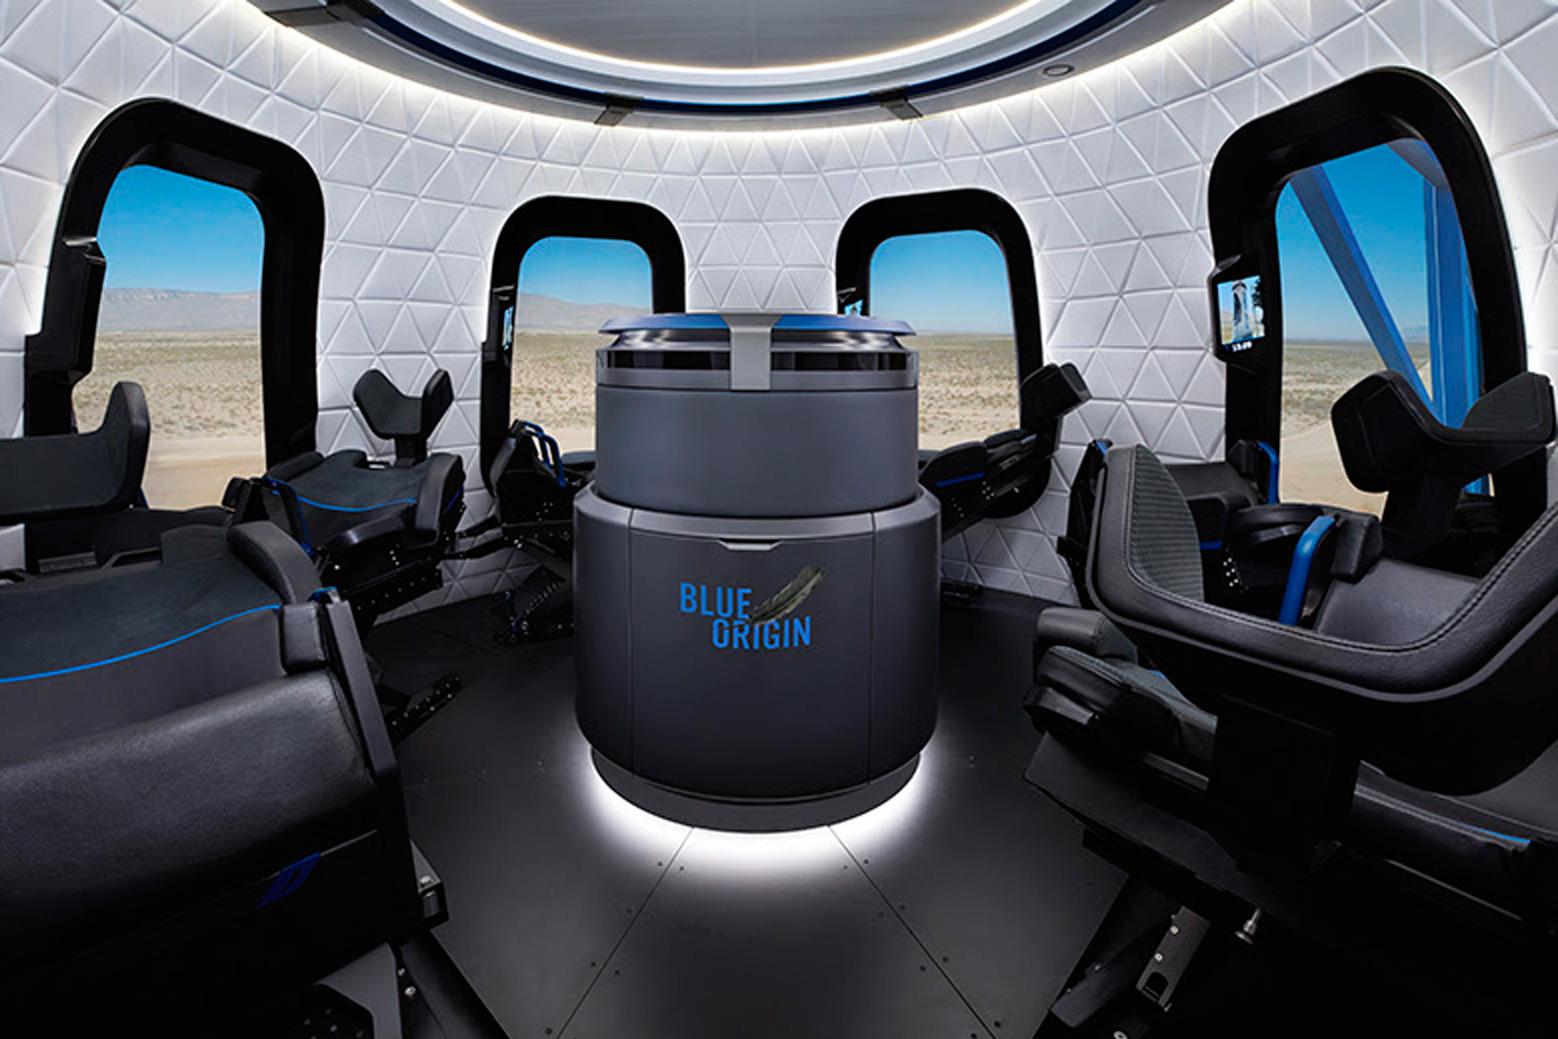 【百人牛牛视频】买张太空舱票,去100公里高空体验4分钟失重